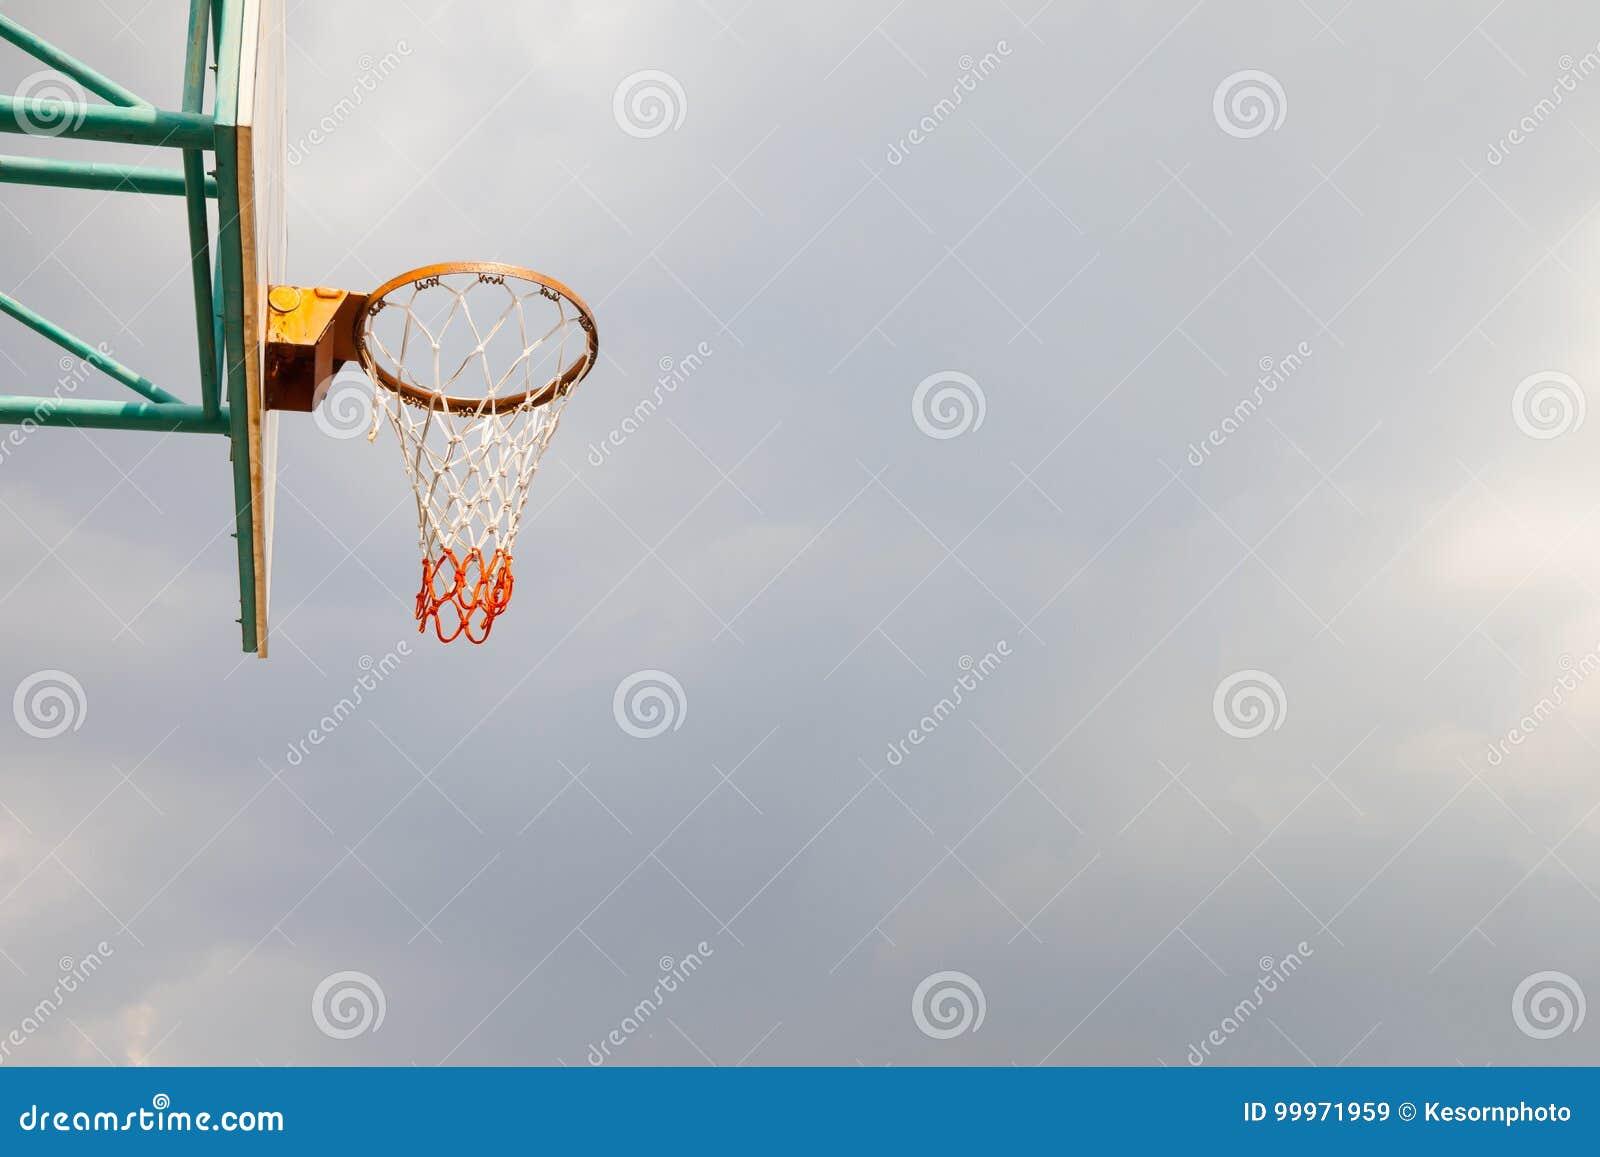 Cancha de básquet era determinado fuera del edificio